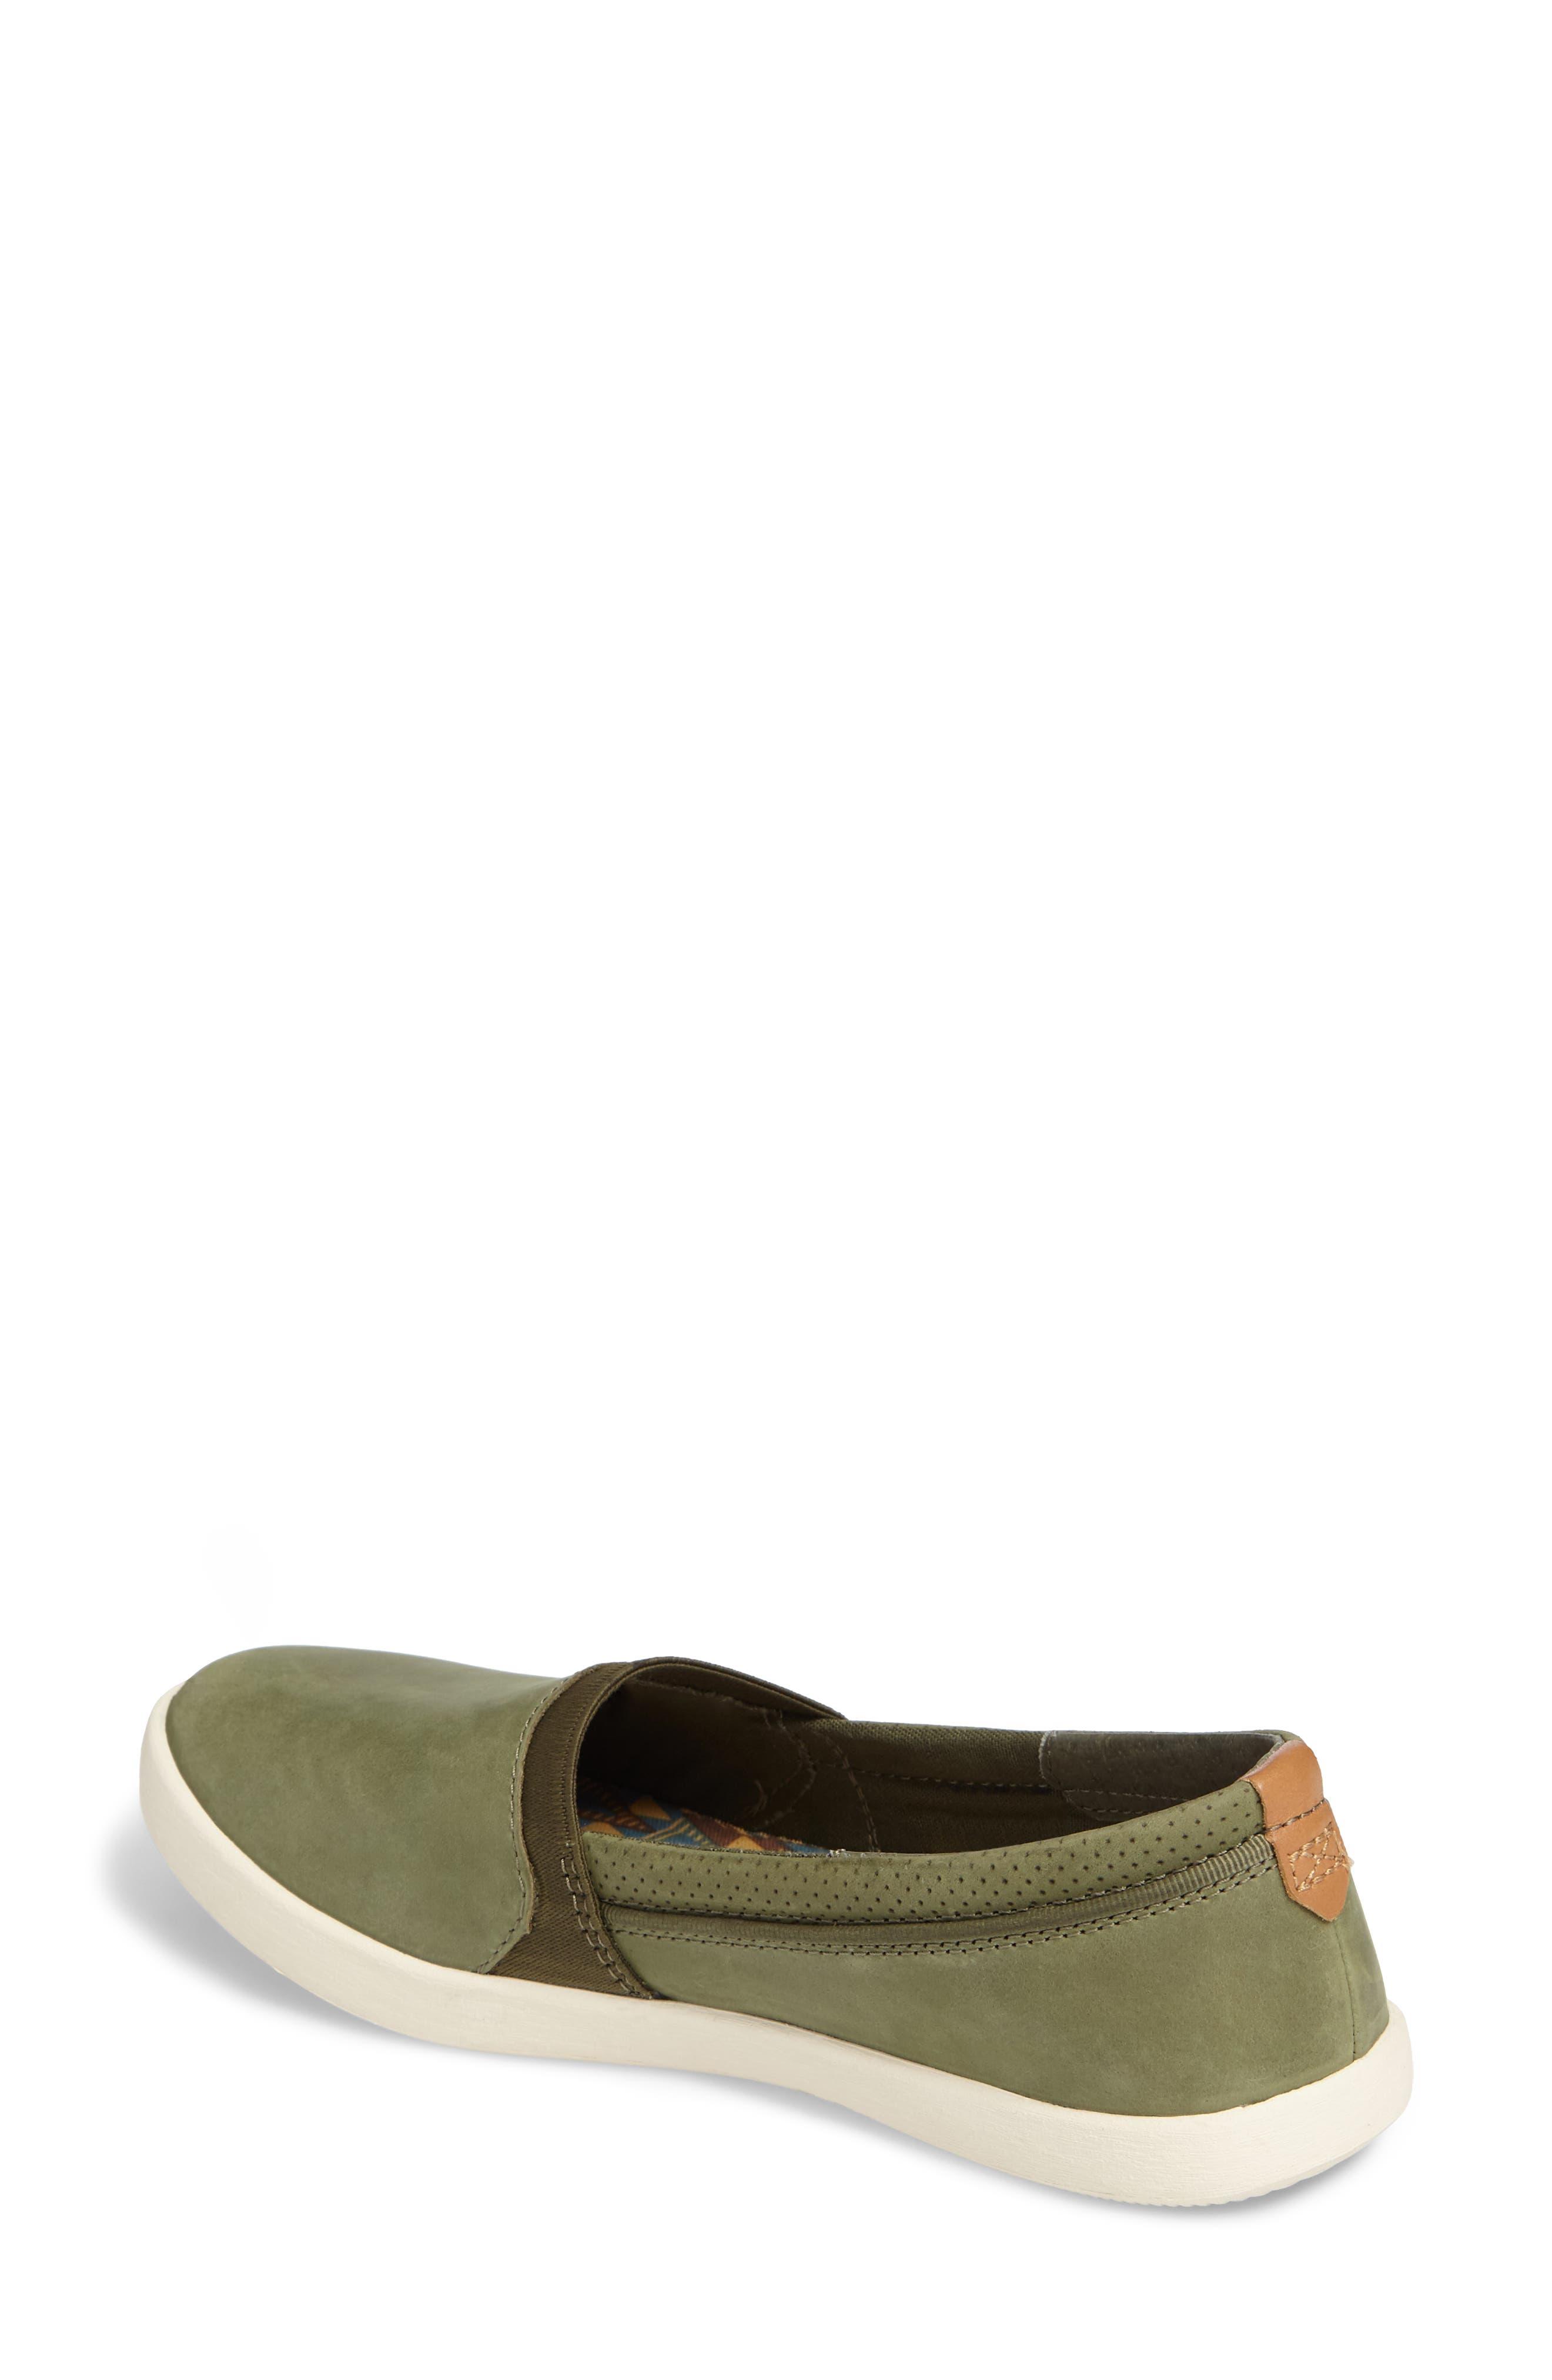 Willow Slip-On Sneaker,                             Alternate thumbnail 8, color,